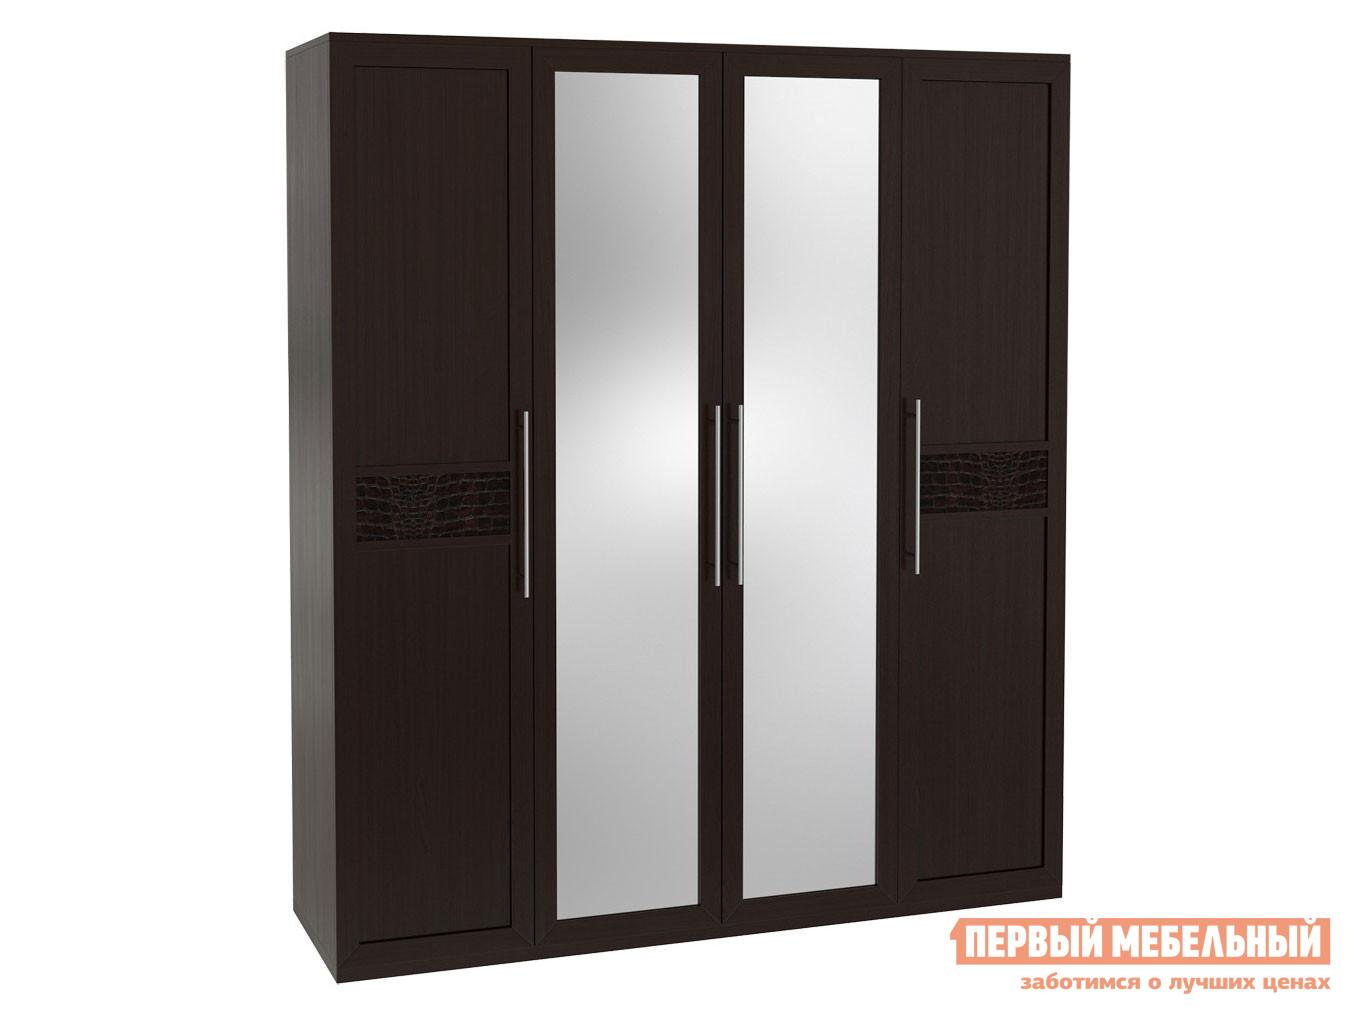 Распашной шкаф с зеркалами Первый Мебельный Шкаф 4-х дверный с зеркалом Парма распашной шкаф с зеркалом первый мебельный шкаф 3 х дверный с зеркалом парма